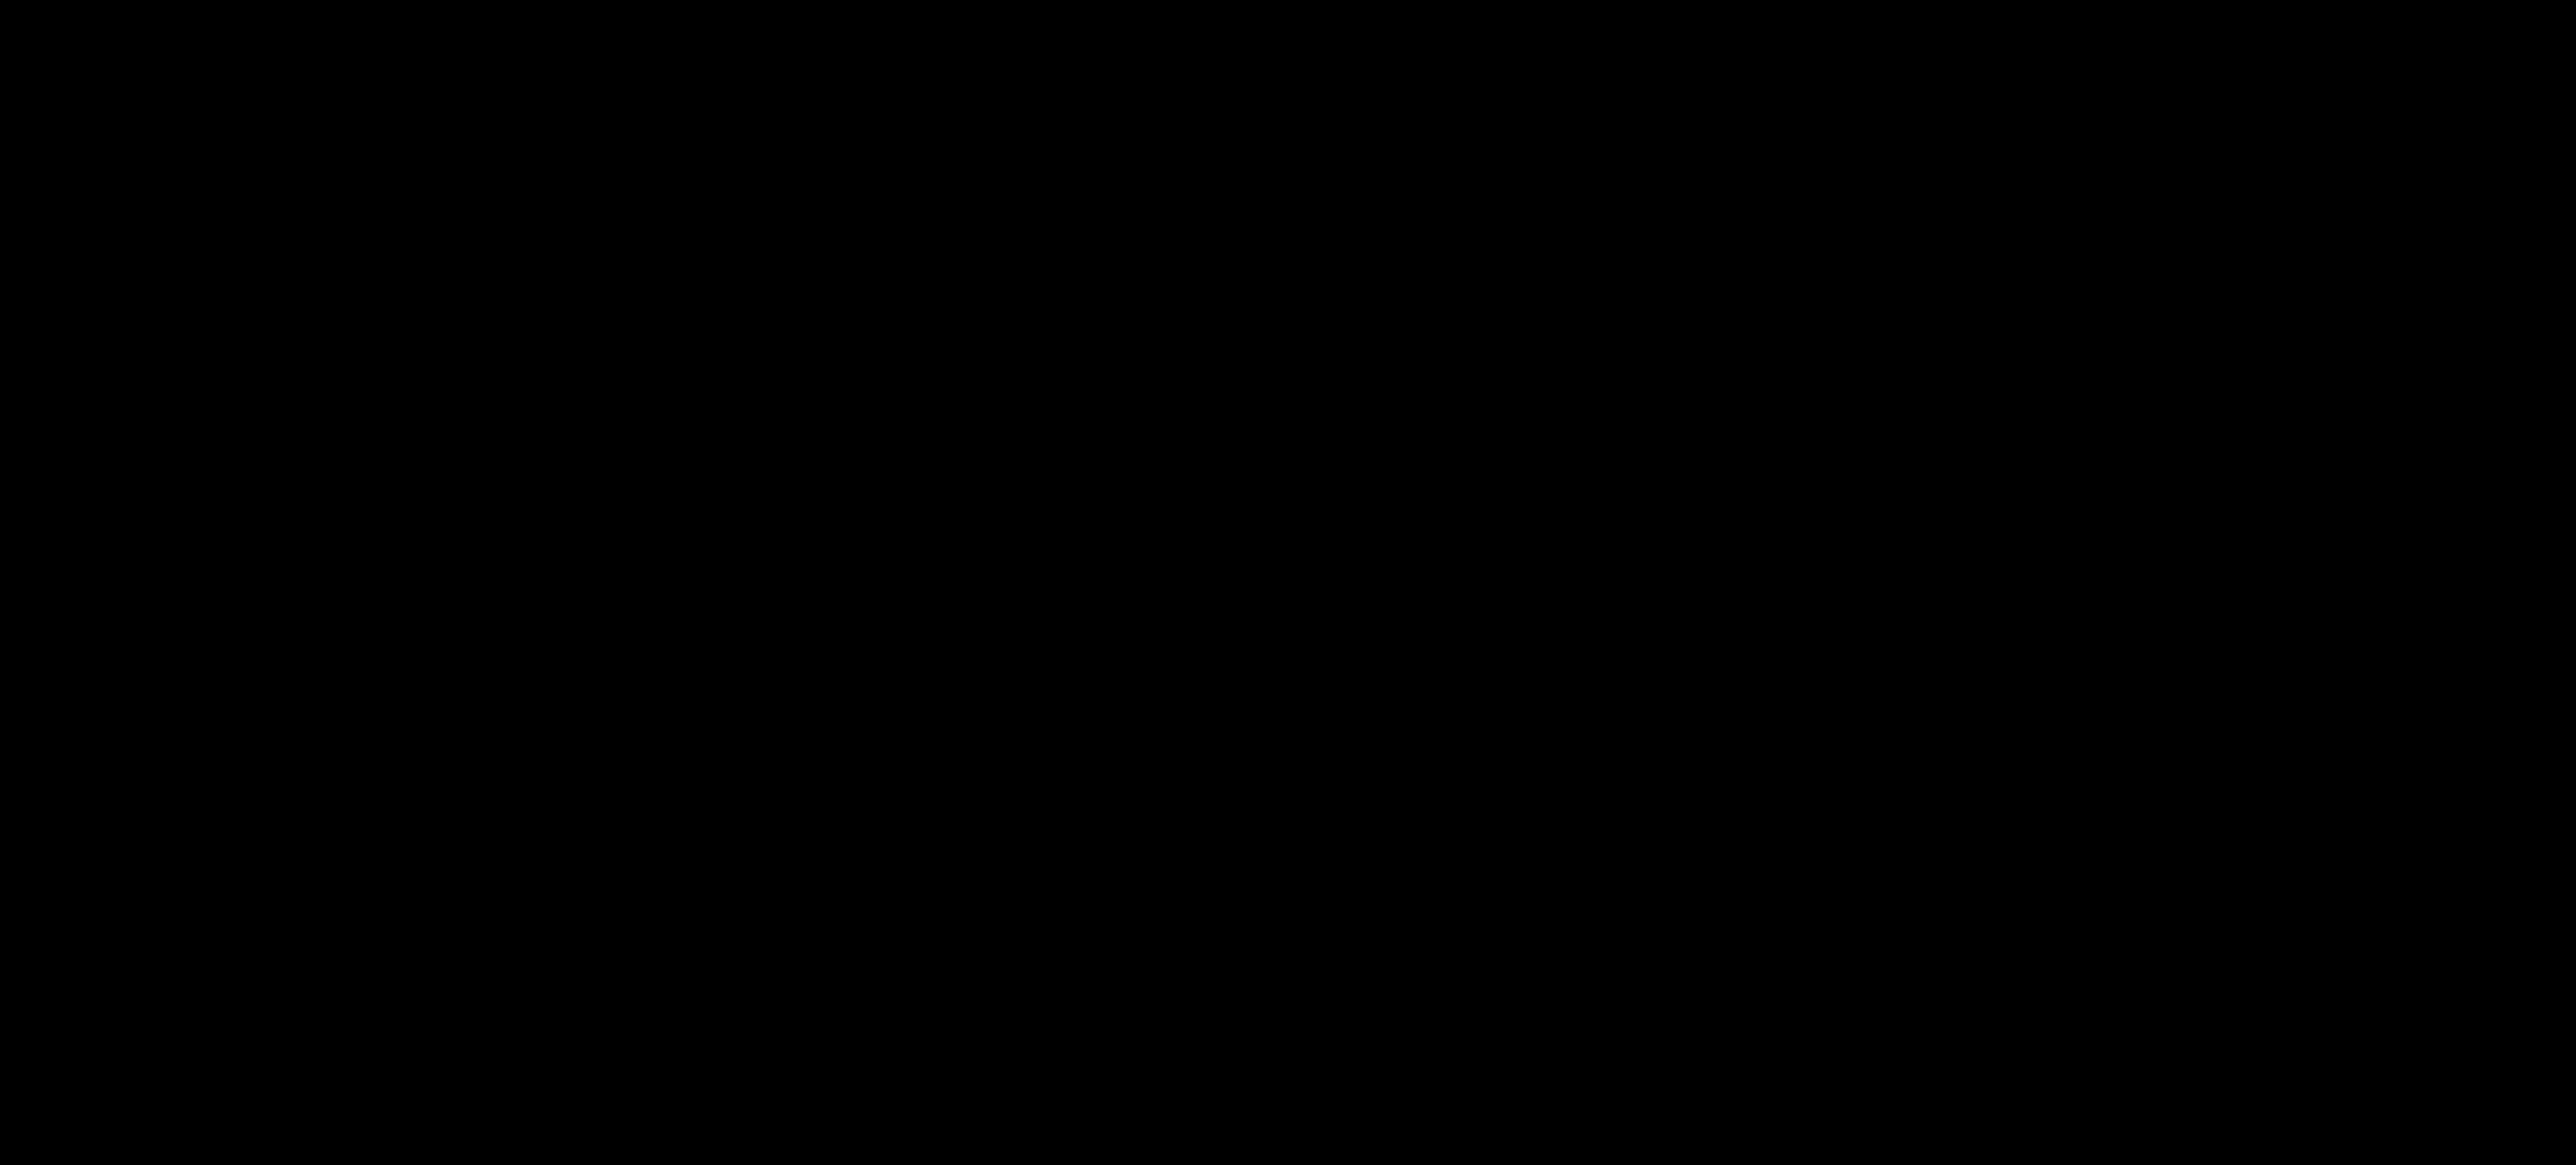 EPIC Test Web Image